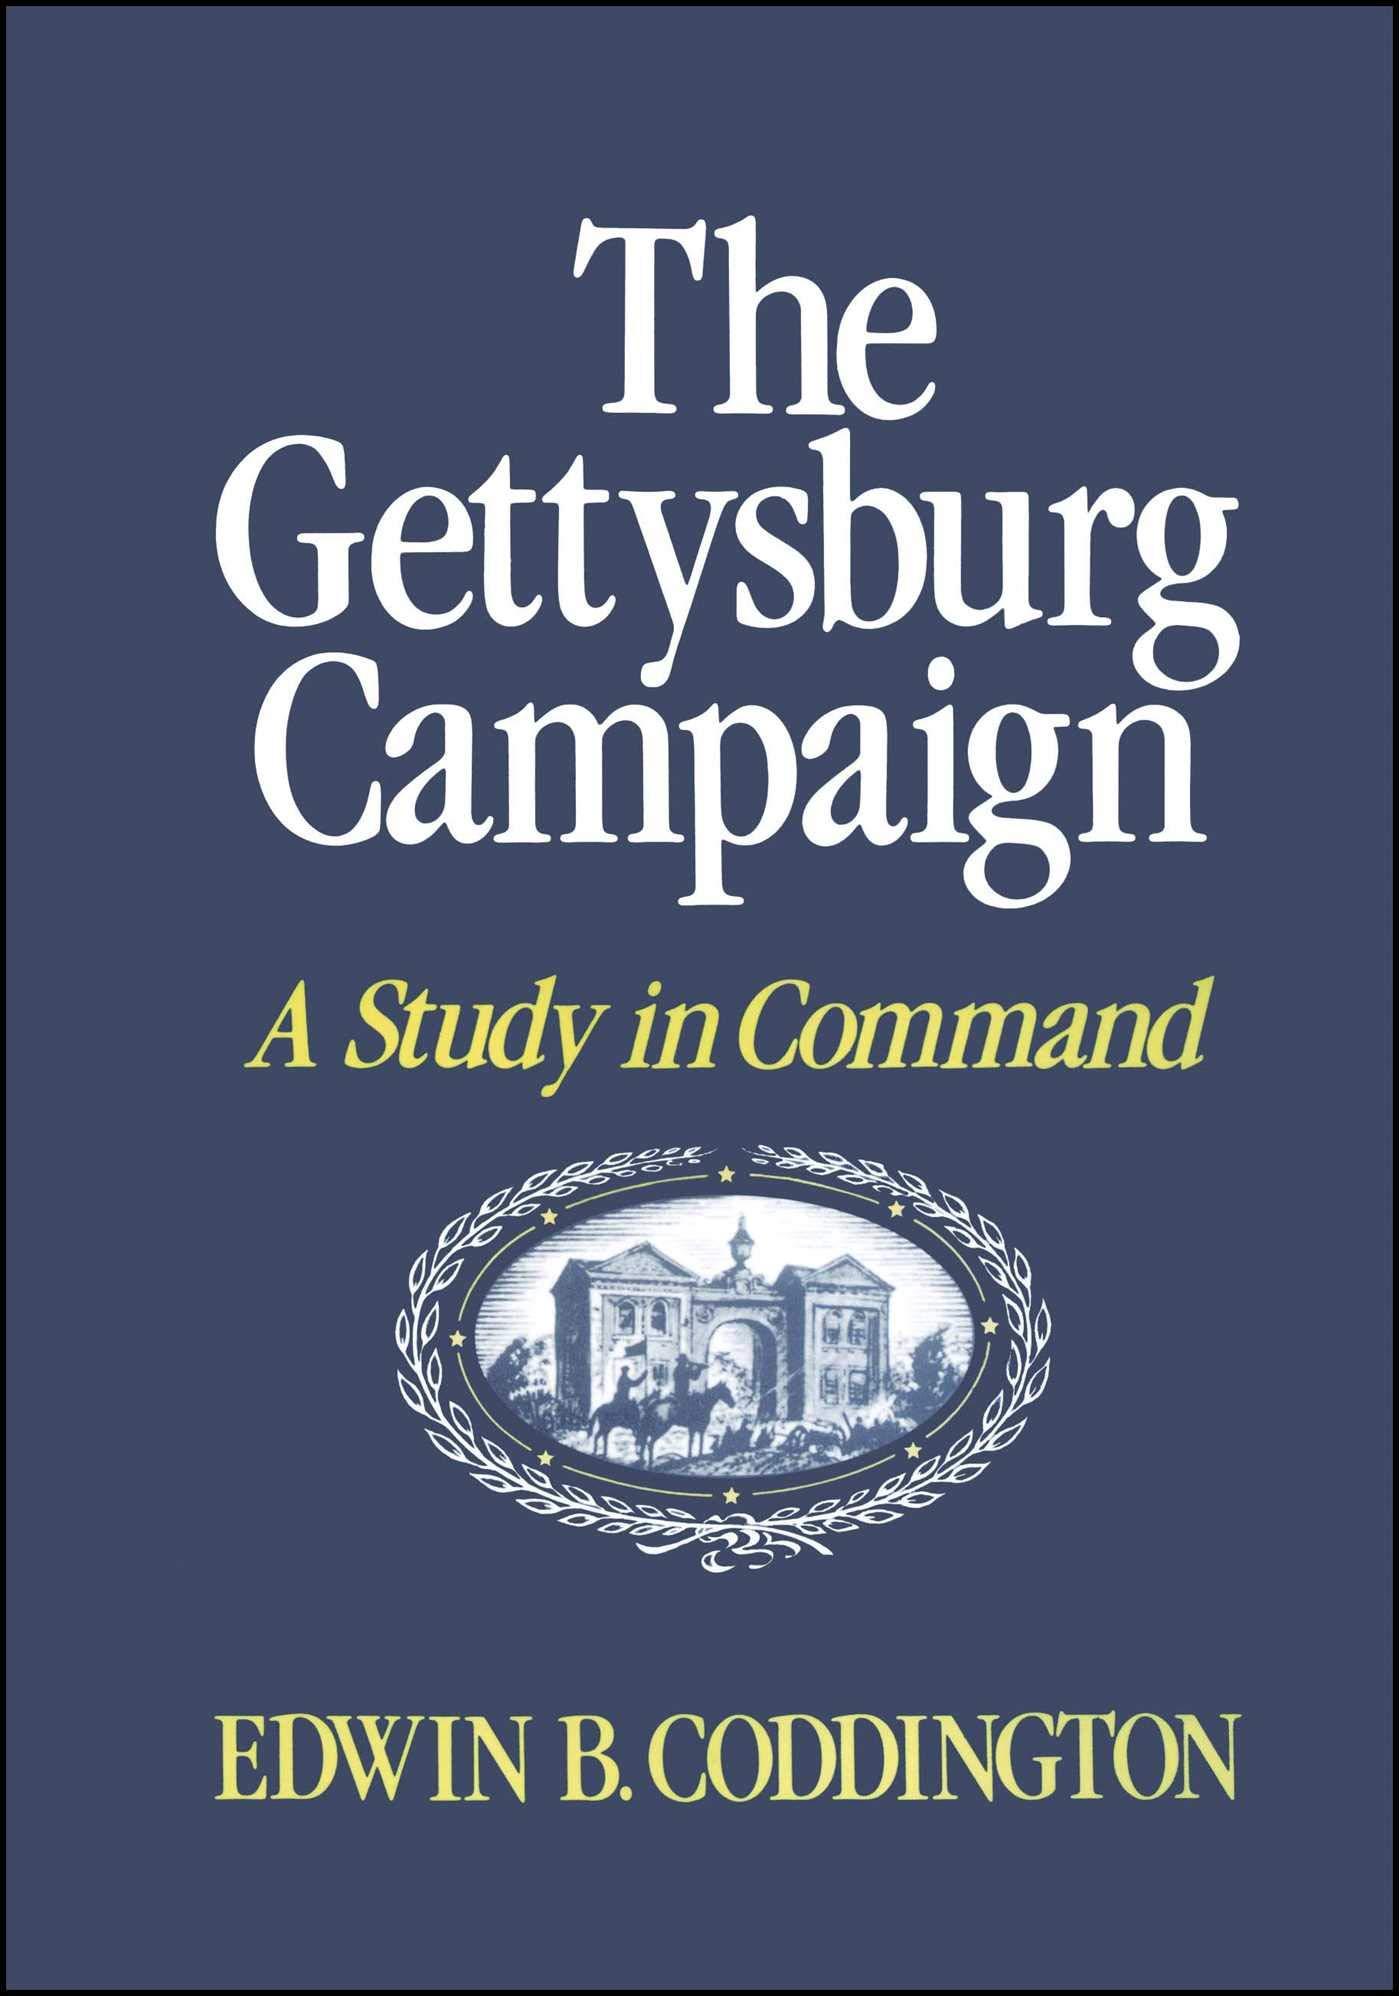 The Gettysburg Campaign: A Study in Command: Edwin B. Coddington:  9780684845692: Amazon.com: Books